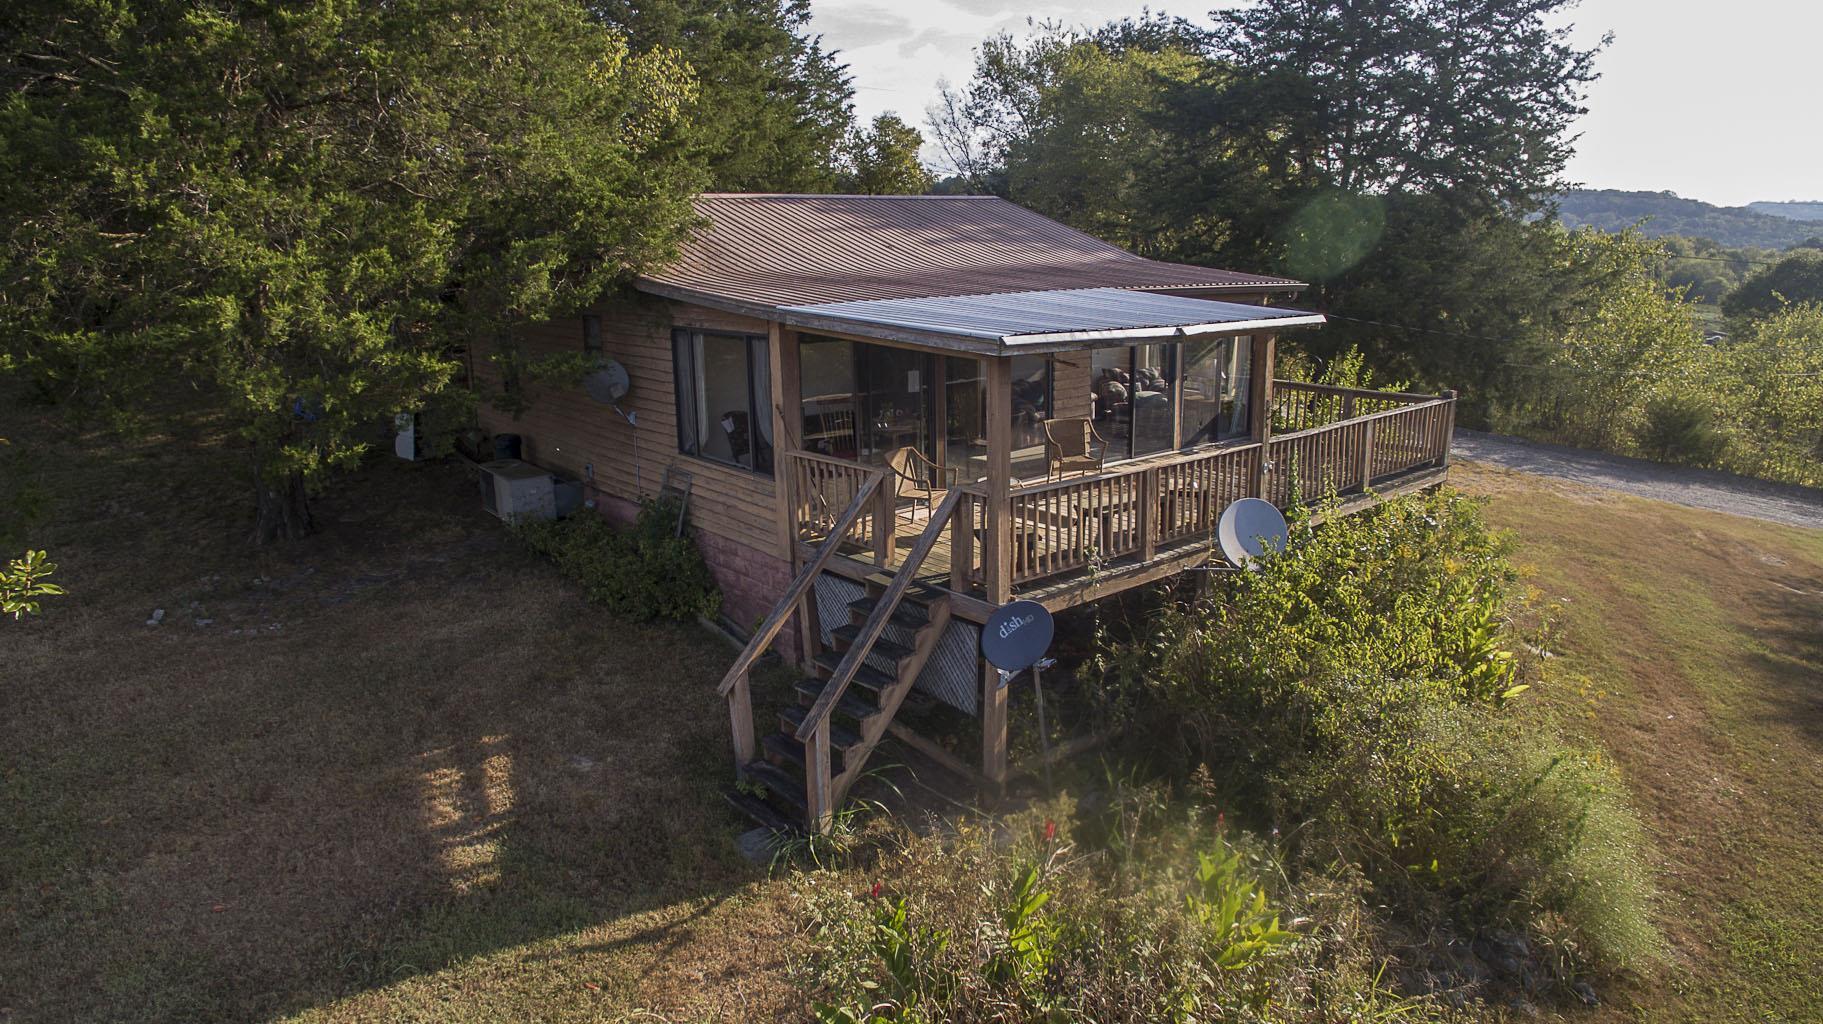 170 Ewing Ln, Granville, TN 38564 - Granville, TN real estate listing